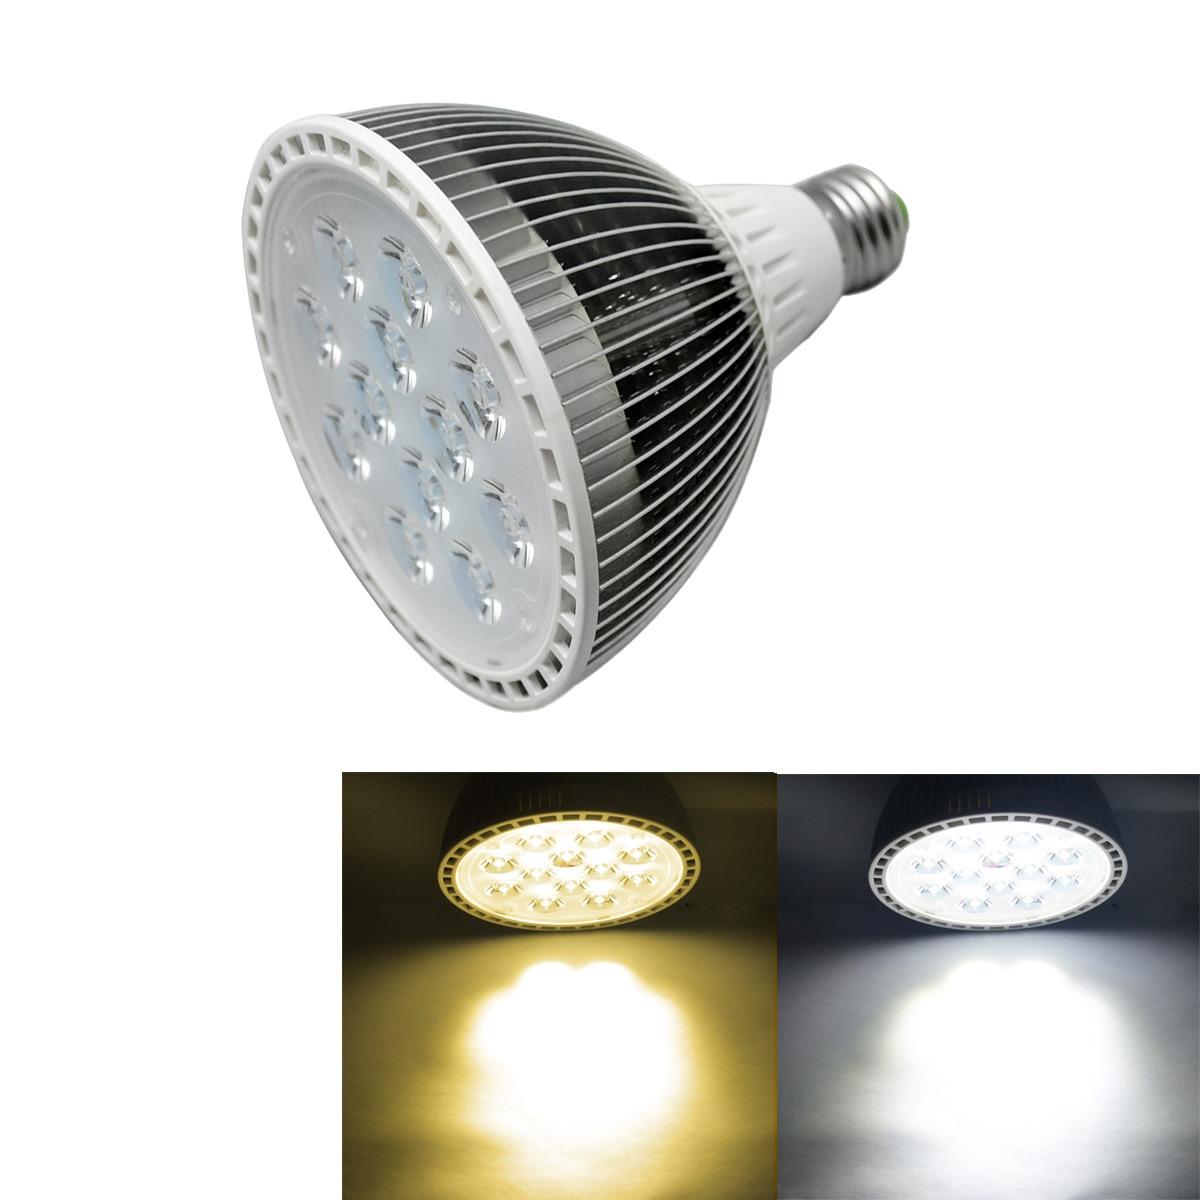 Jiawen 4 pcs/lot 12 W Par38 AC85-265V E27 LED ampoule lampe éclairage blanc/blanc chaud spot pour la maison livraison gratuite